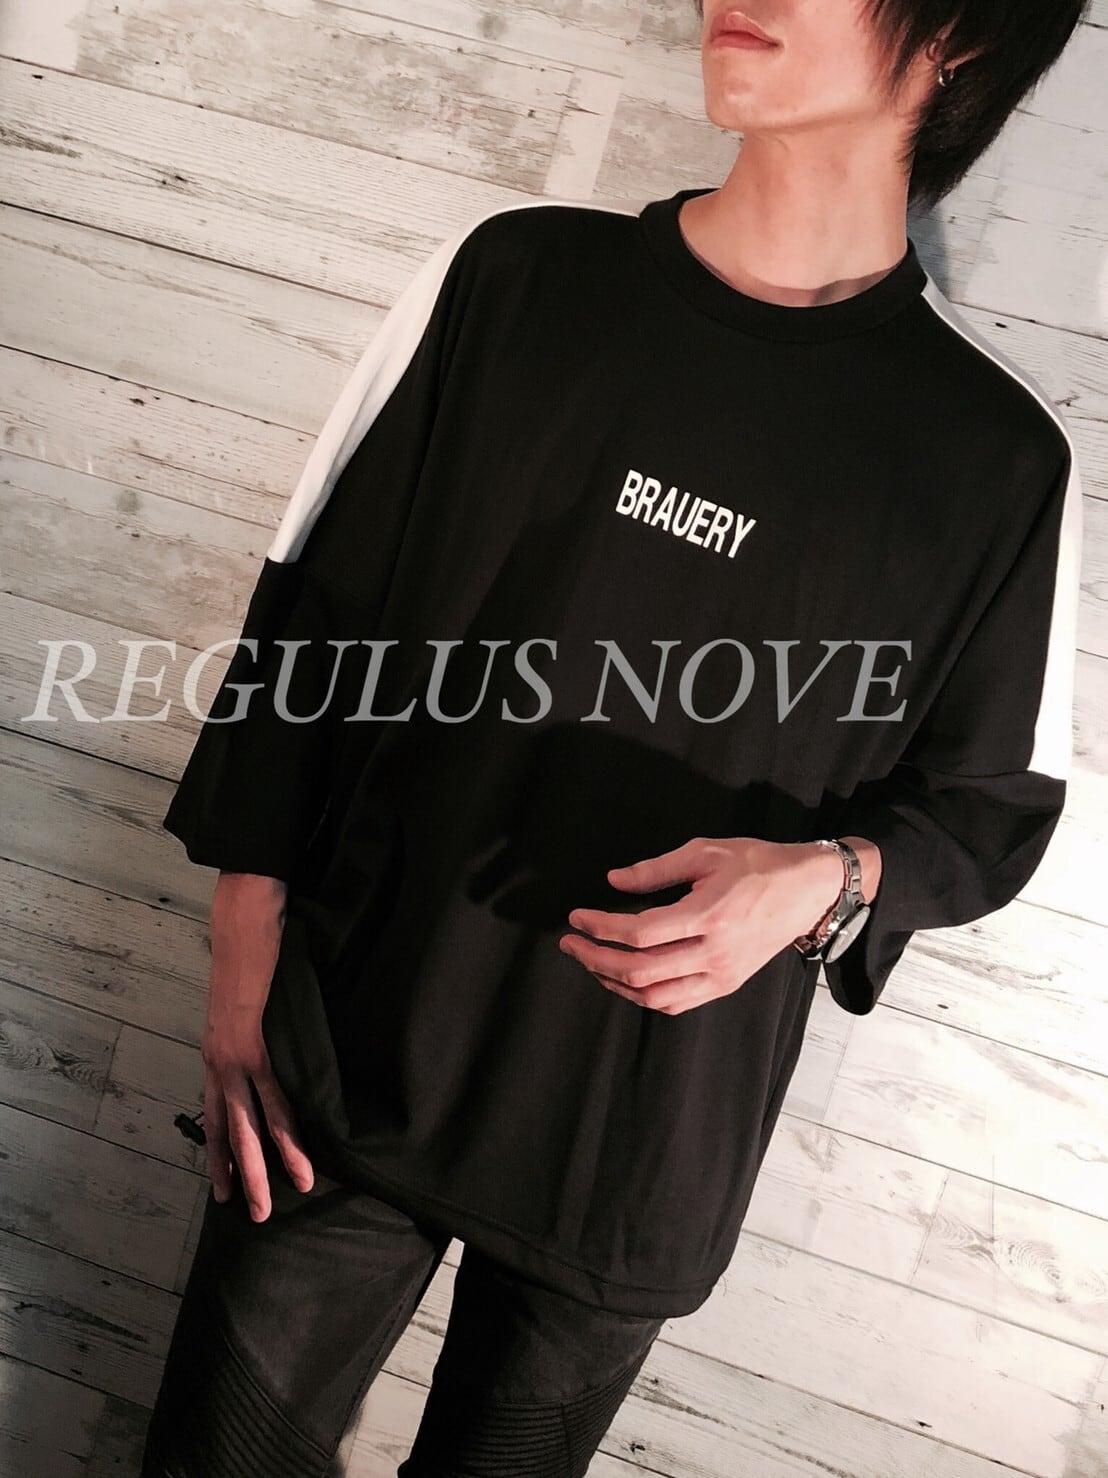 配色切替ロゴプリントスムースBIG半袖Tシャツ BLACK ユニセックス レディース メンズ オーバーサイズ 大きいサイズ 派手 個性的 ストリート ロック